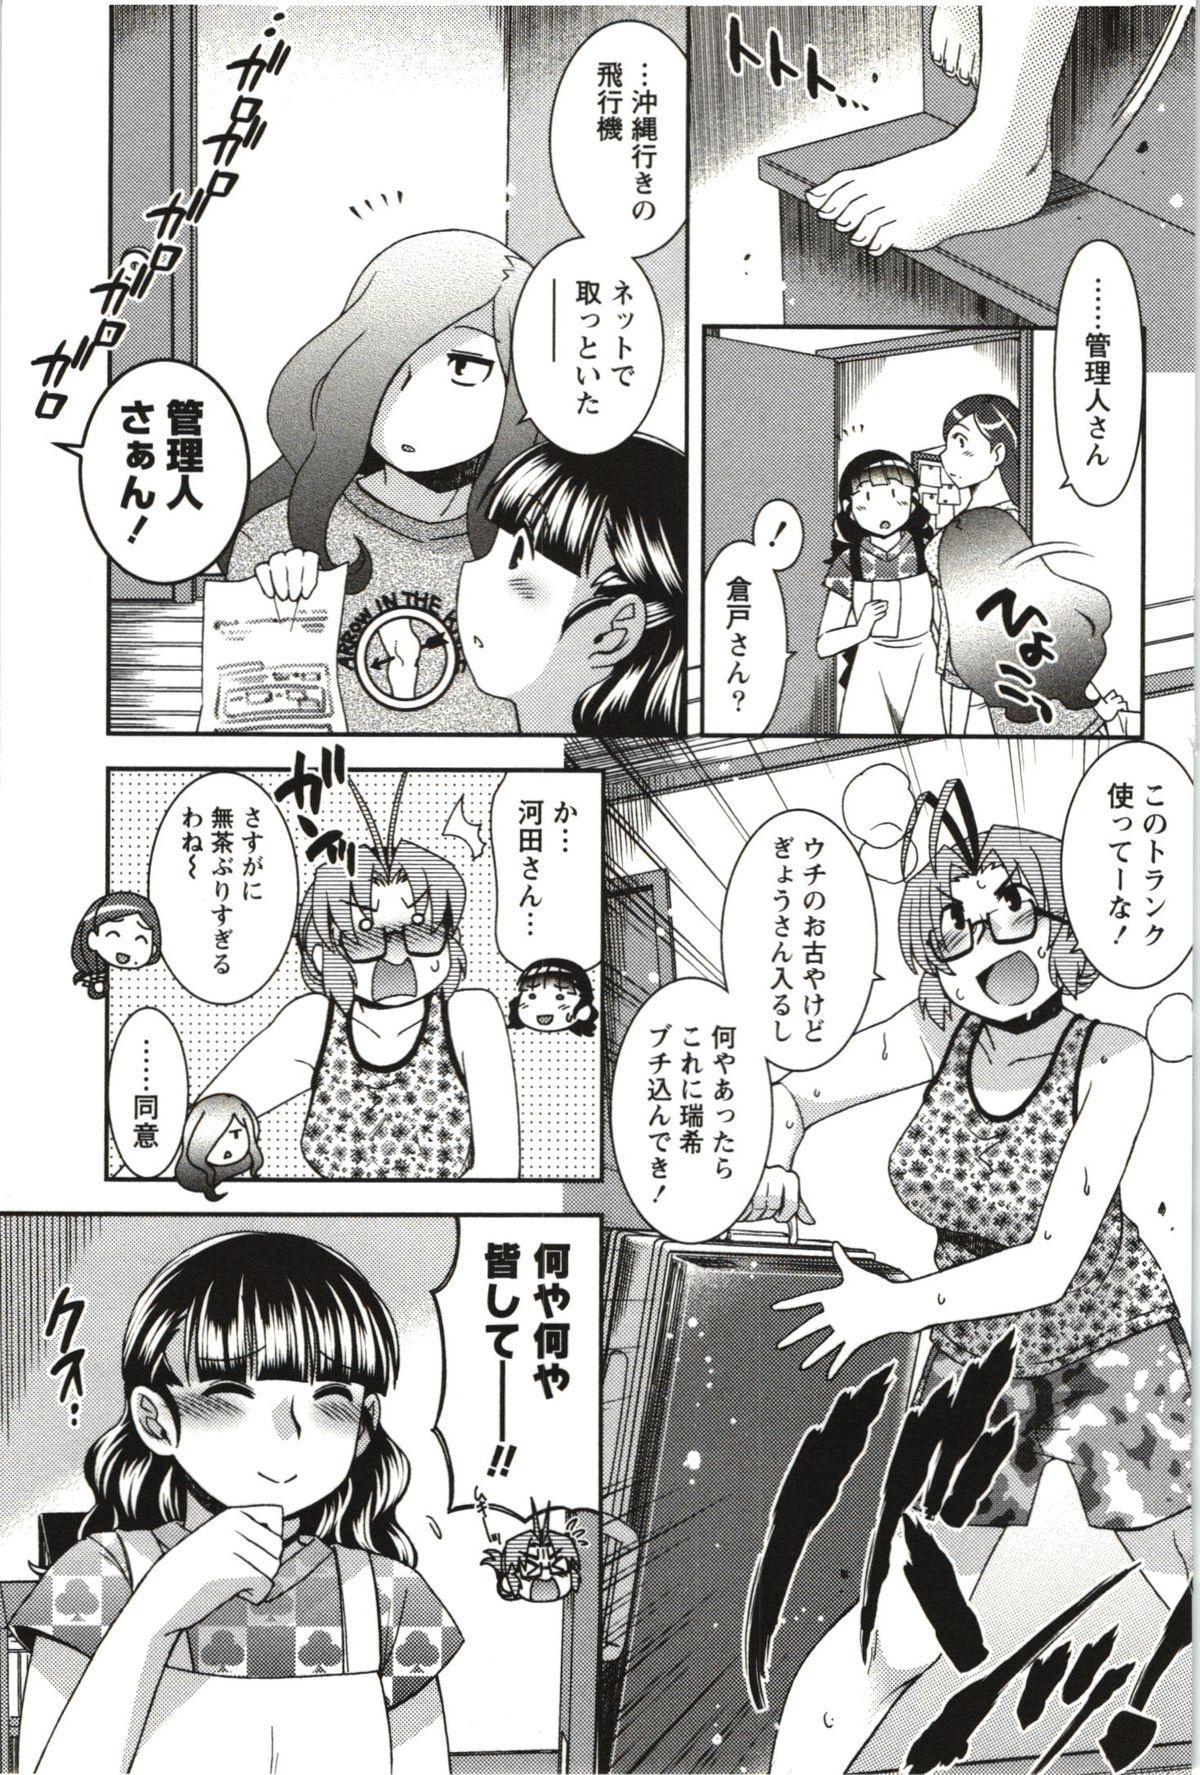 Tsutsujisou no ■■ na Hitobito 155